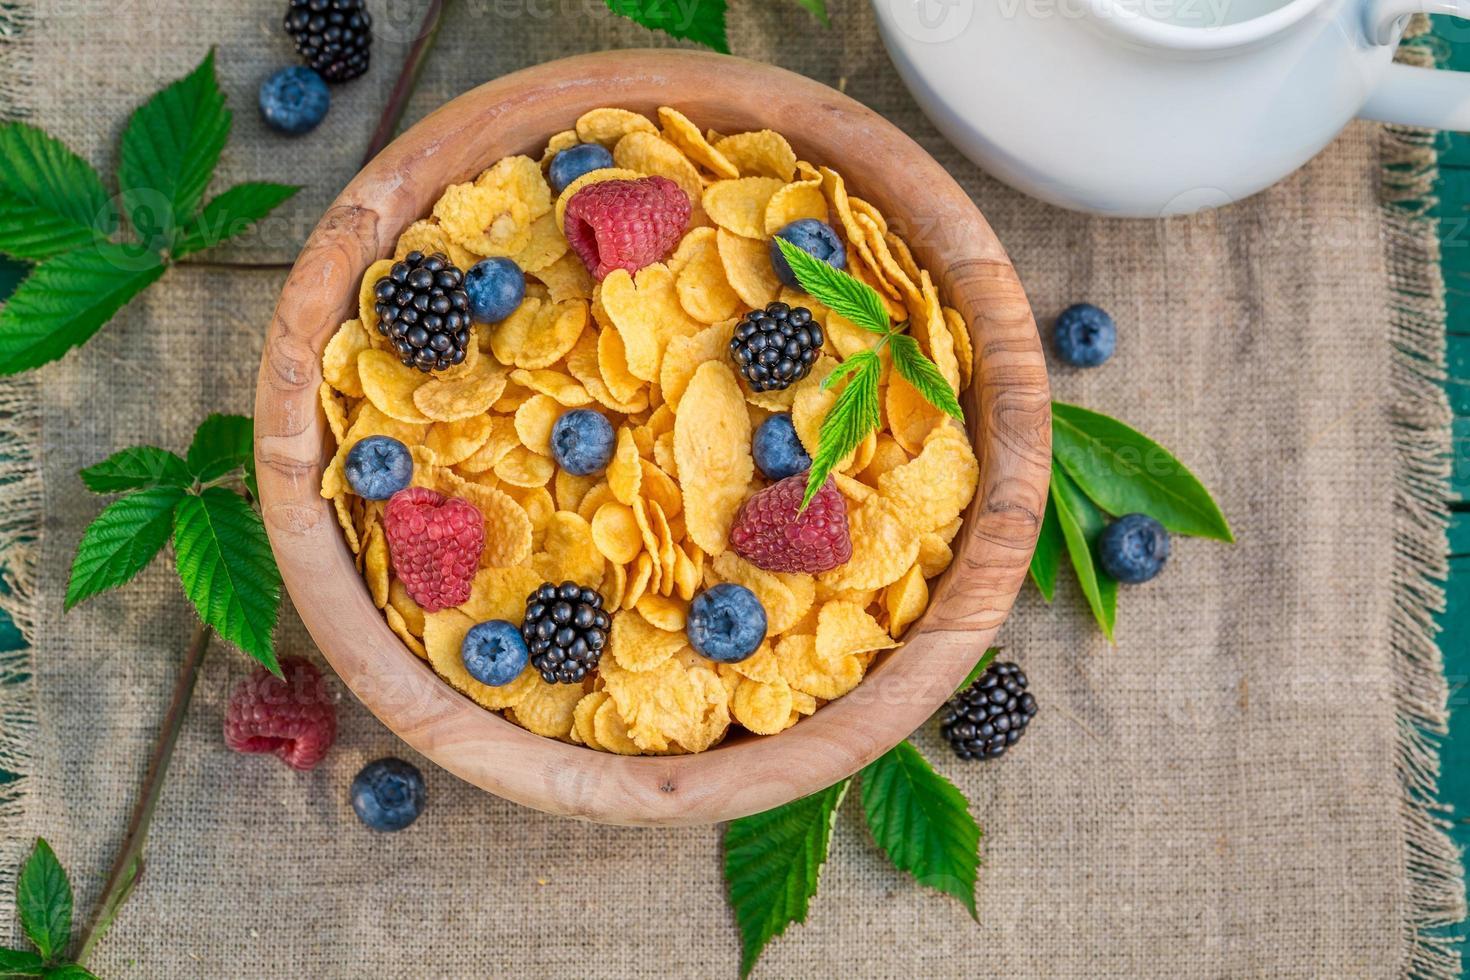 copos de maíz sabrosos con frutos rojos y leche foto